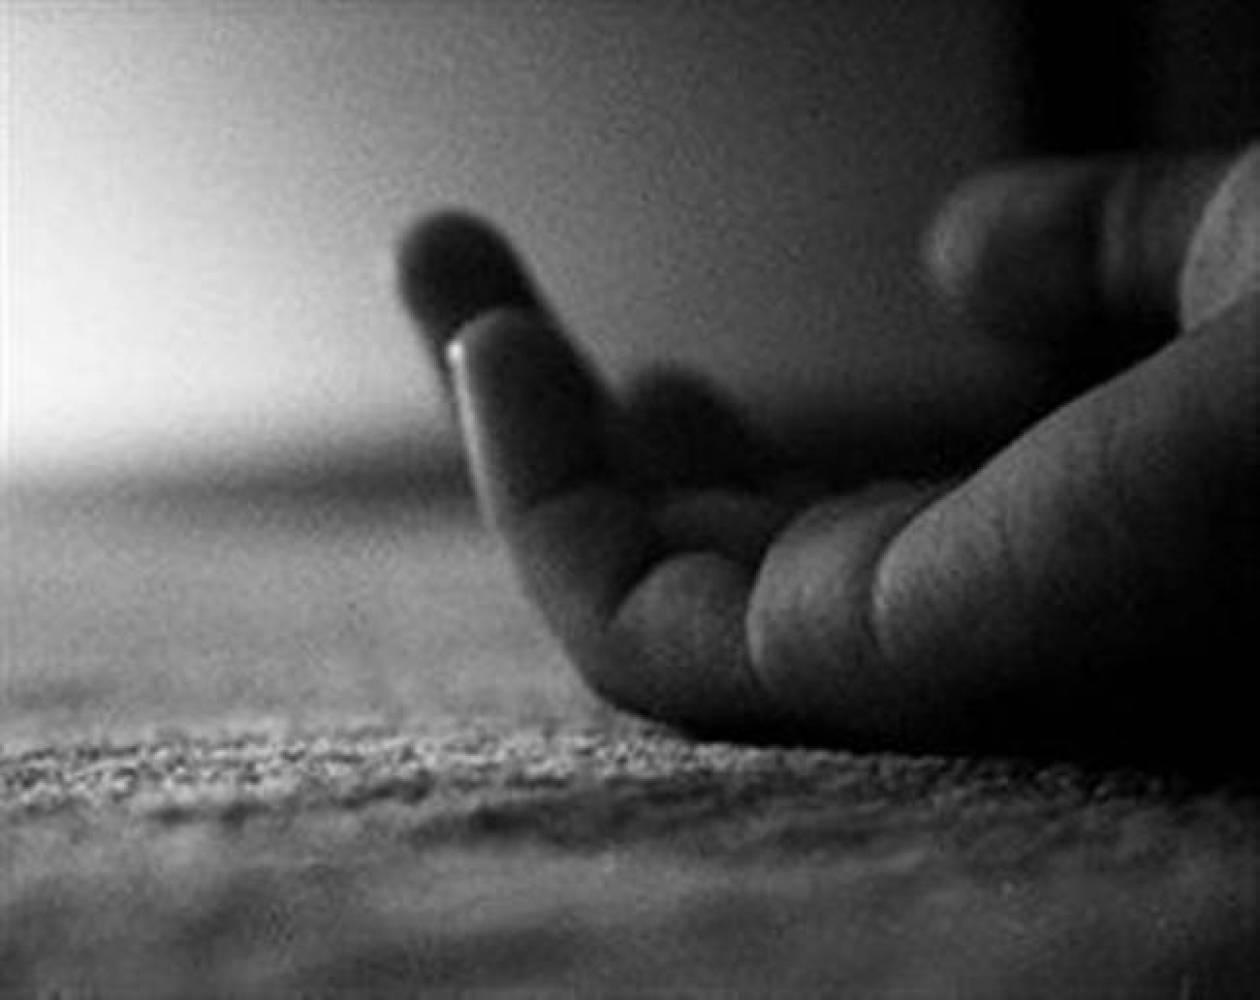 ΣΟΚ στο Αγρίνιο: Αγρίνιο: Έκοψε τις φλέβες του σε δρόμο του χωριού